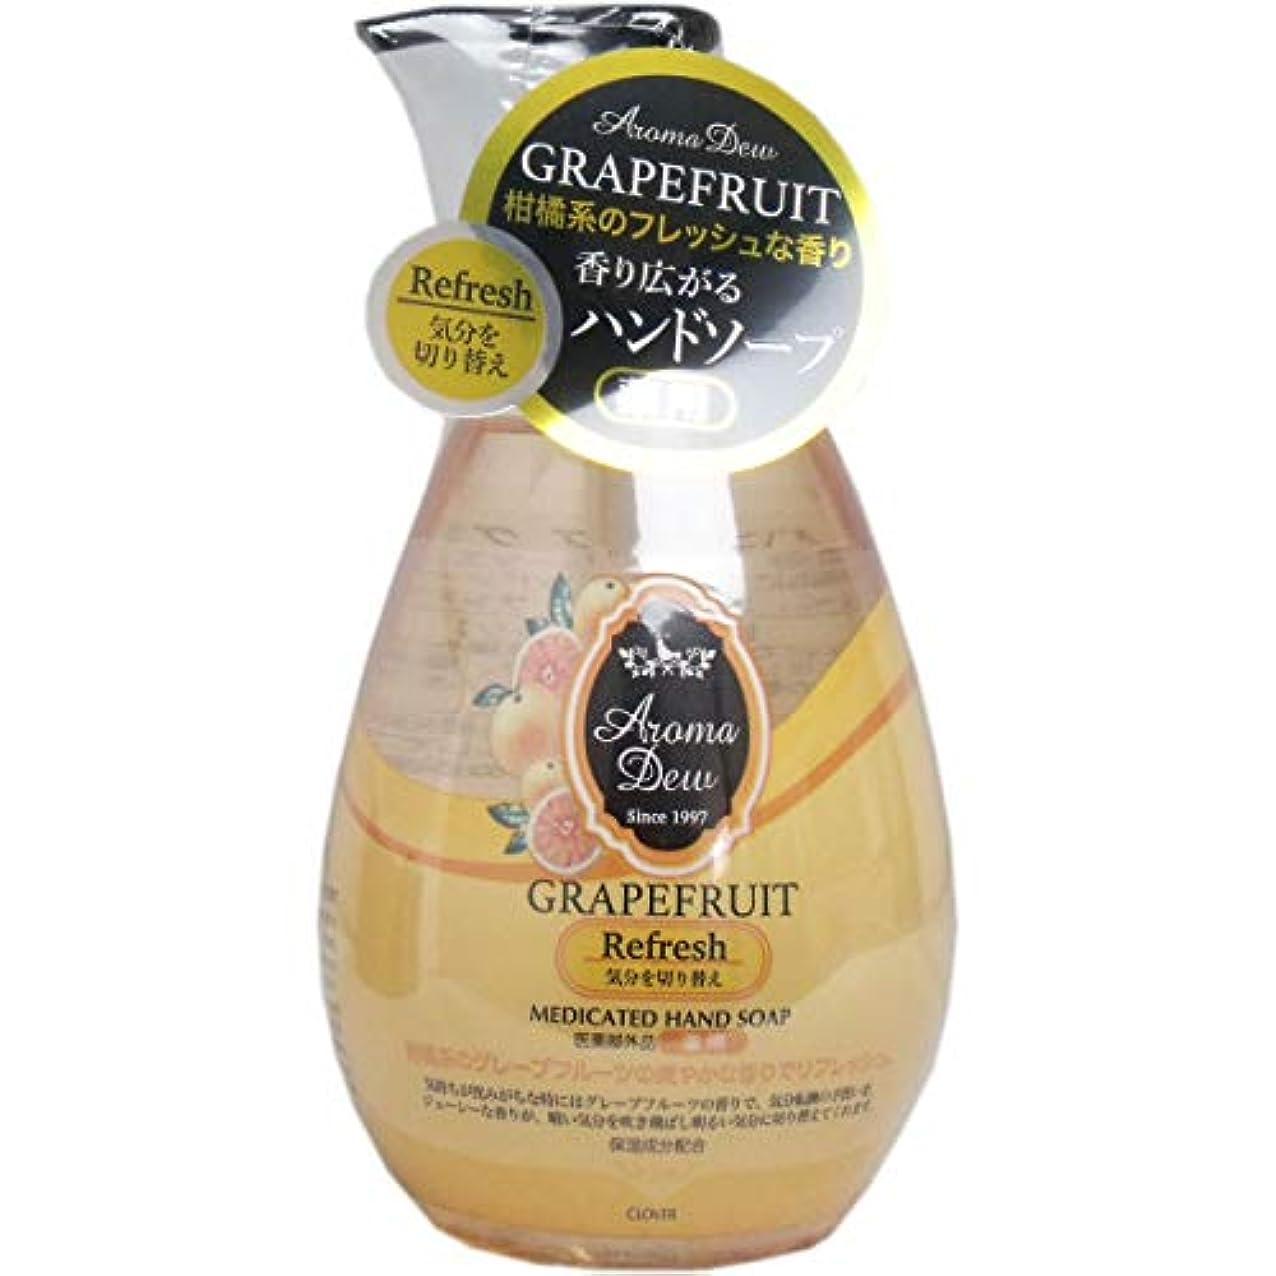 知るエキス何もない薬用アロマデュウ ハンドソープ グレープフルーツの香り 260mL×5個セット(管理番号 4901498104453)